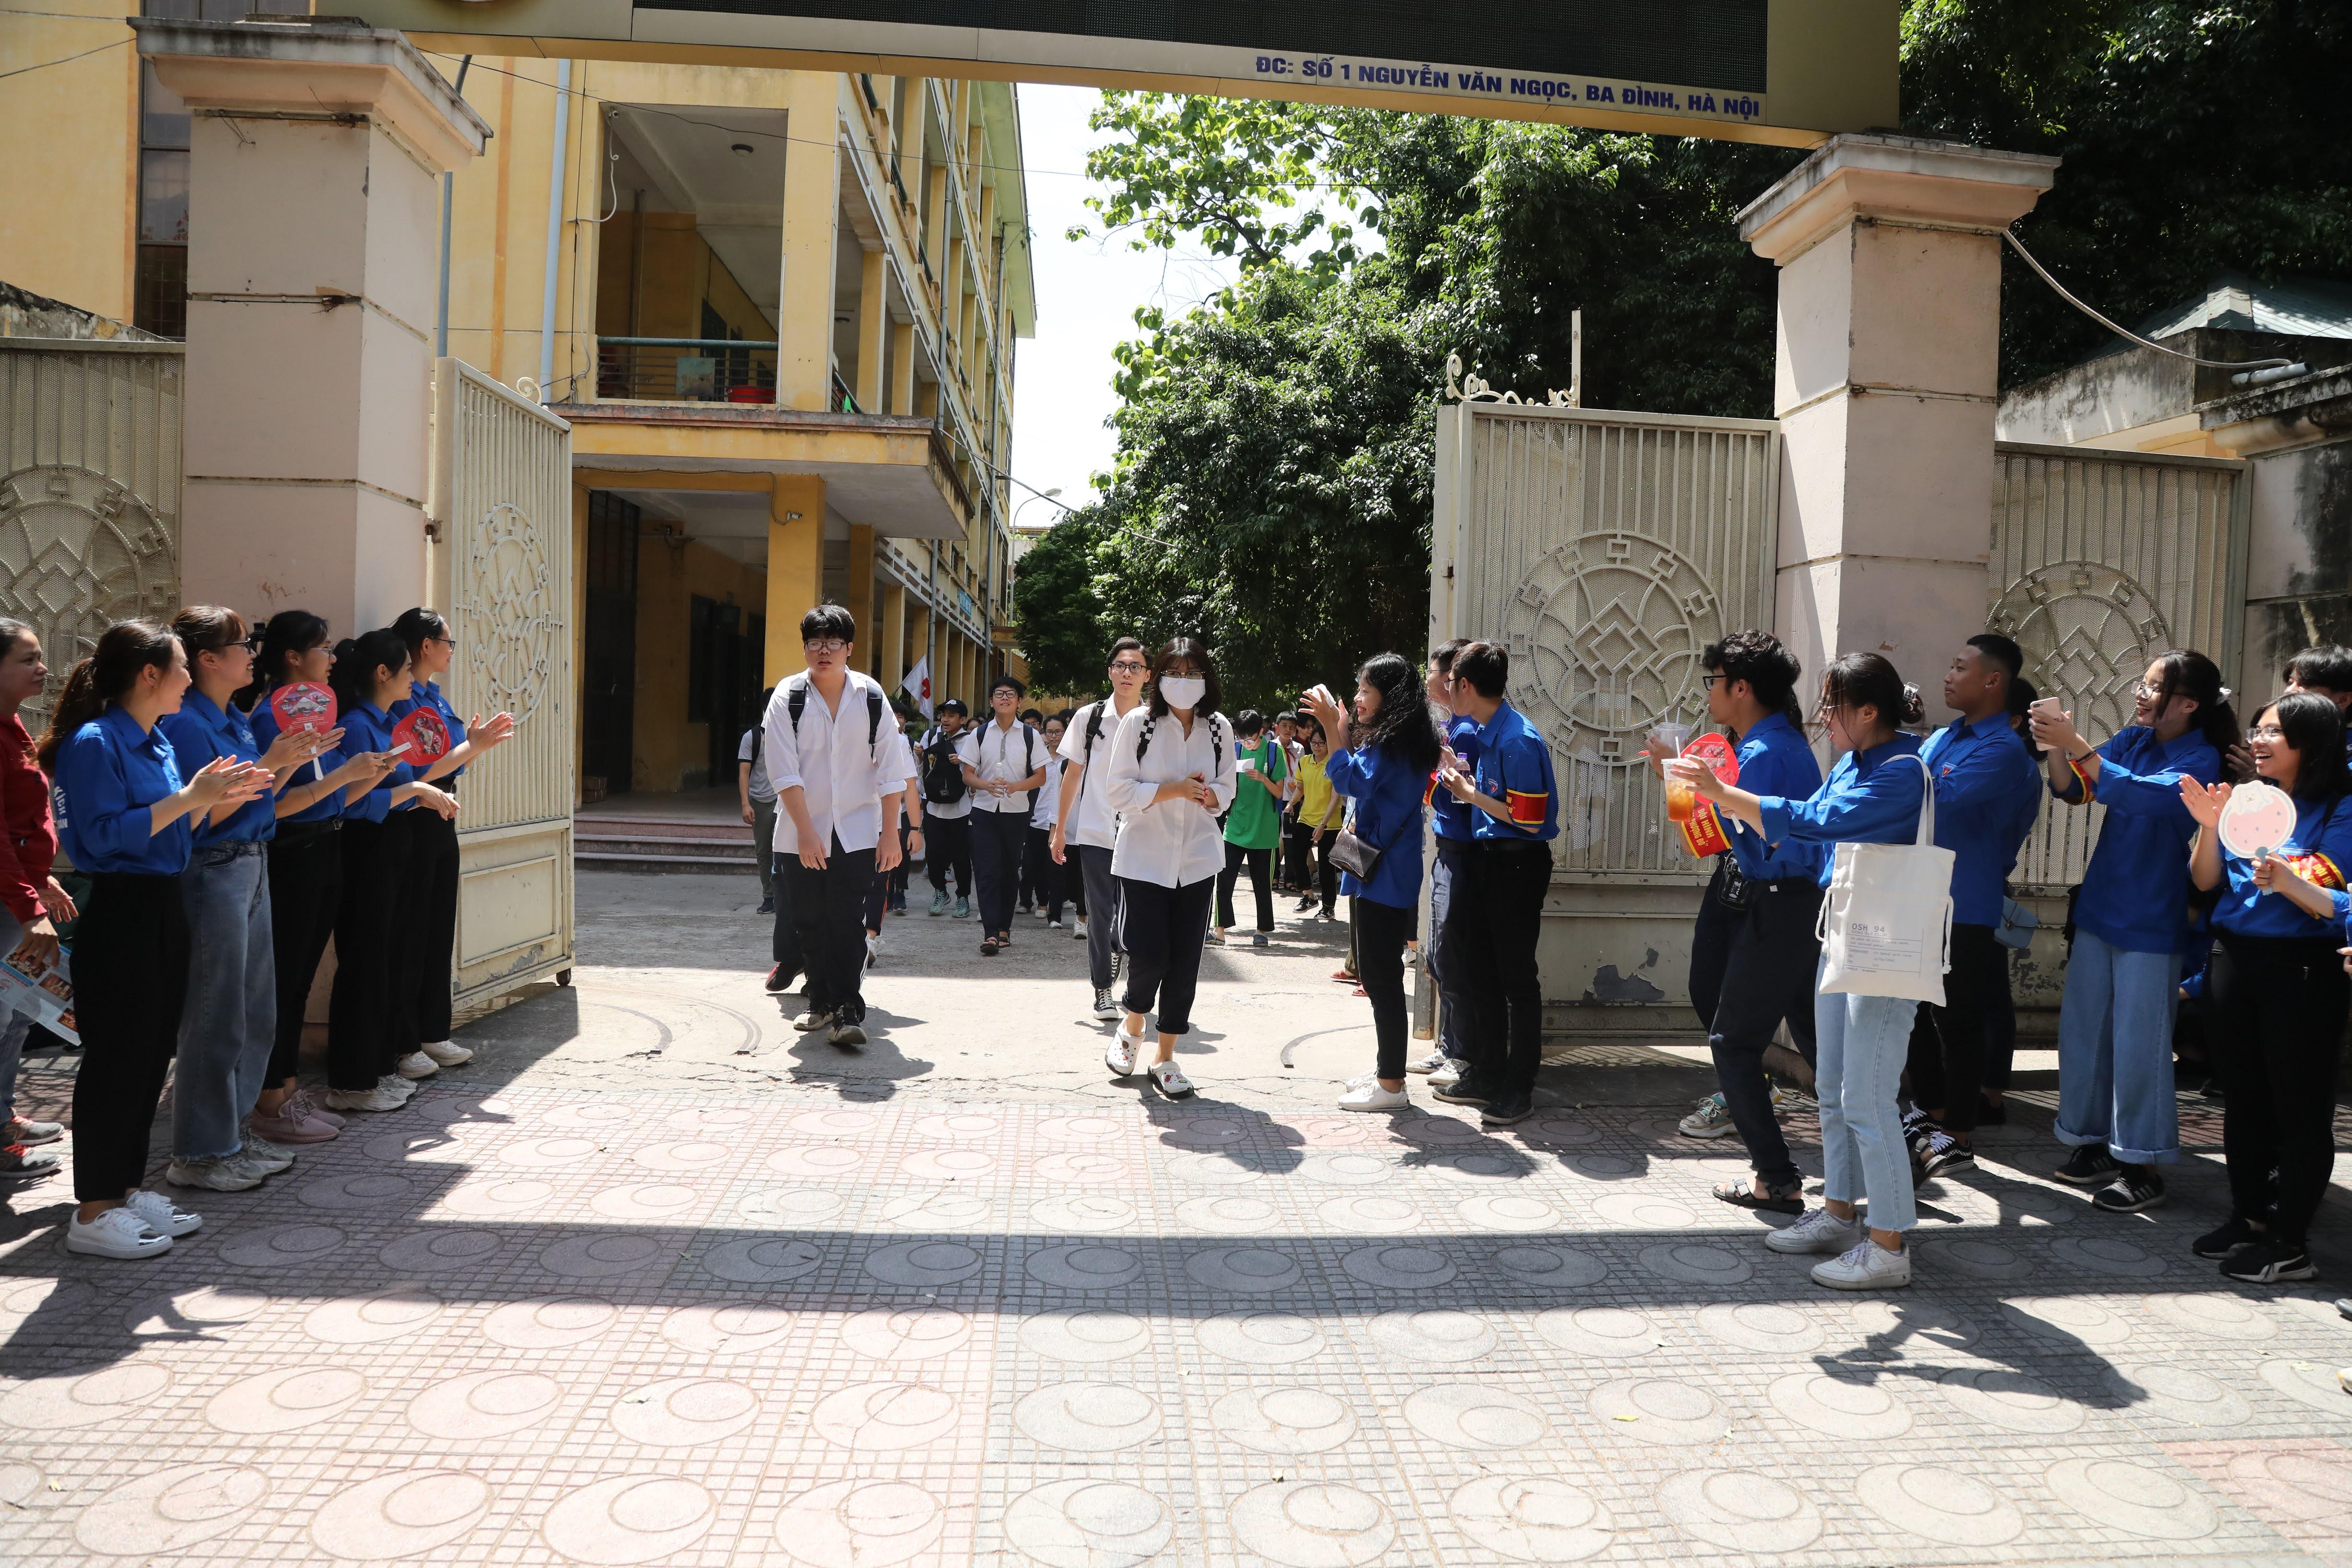 Thí sinh dự thi vào lớp 10 tại Hà Nội. Ảnh: Phạm Quang Vinh.